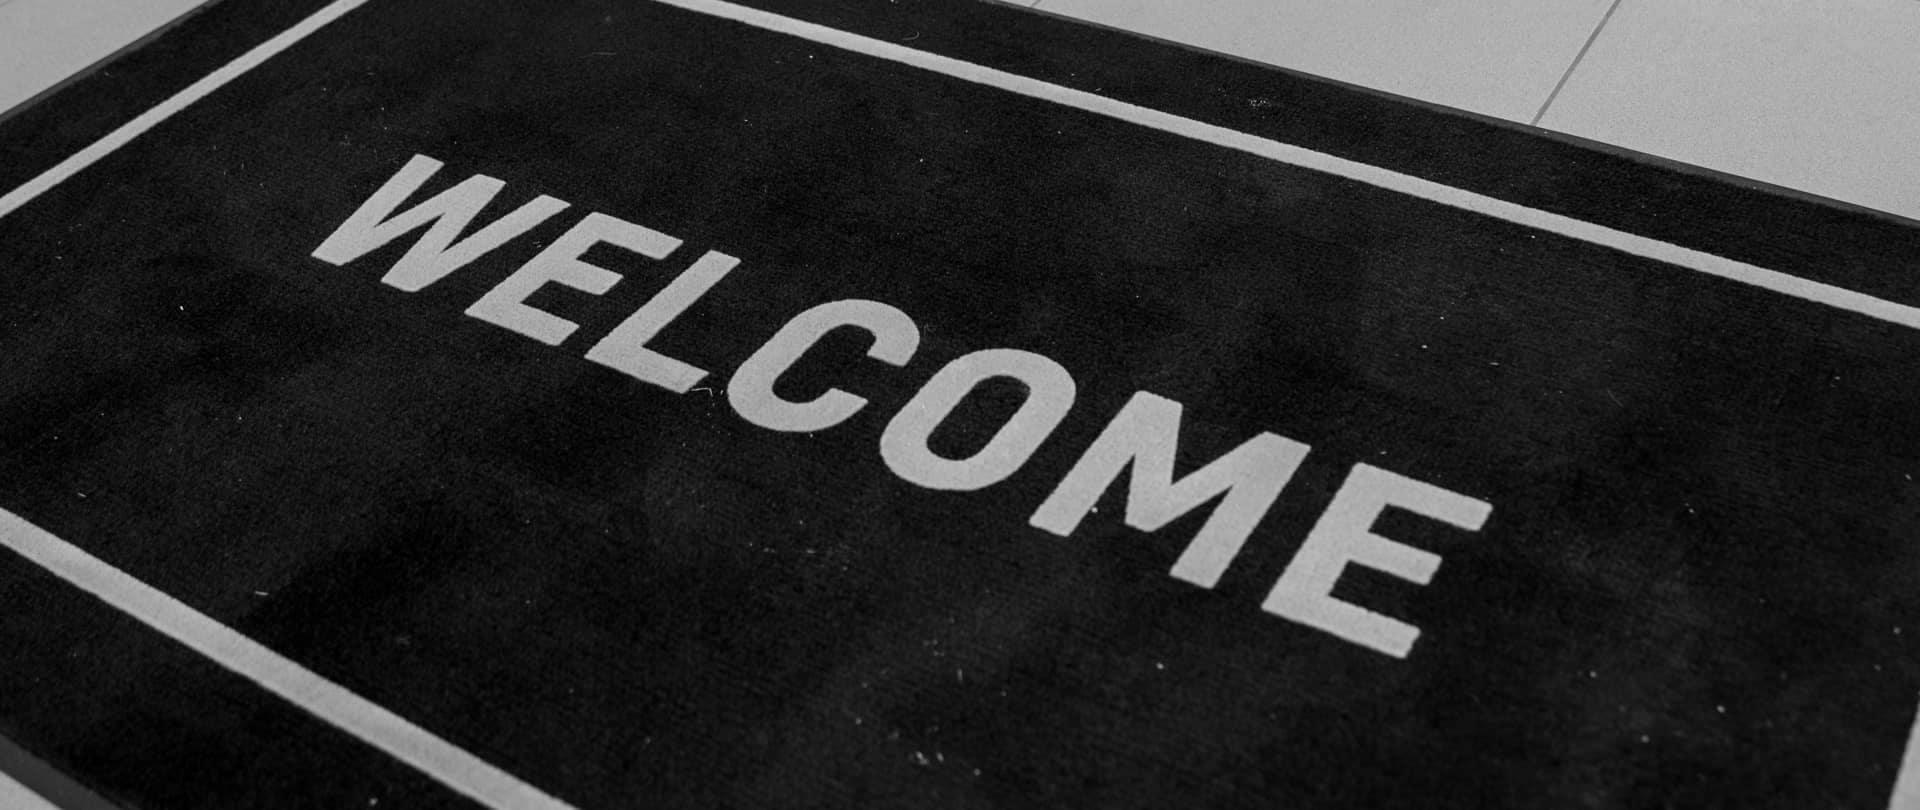 a welcome mat